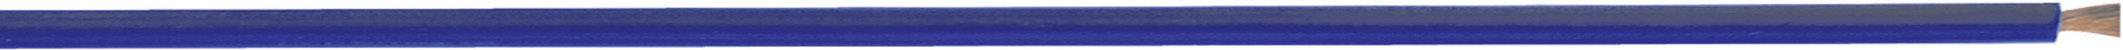 Merací vodič LappKabel 4560034S LiFY, 1 x 1.50 mm², vonkajší Ø 3.70 mm, metrový tovar, modrá